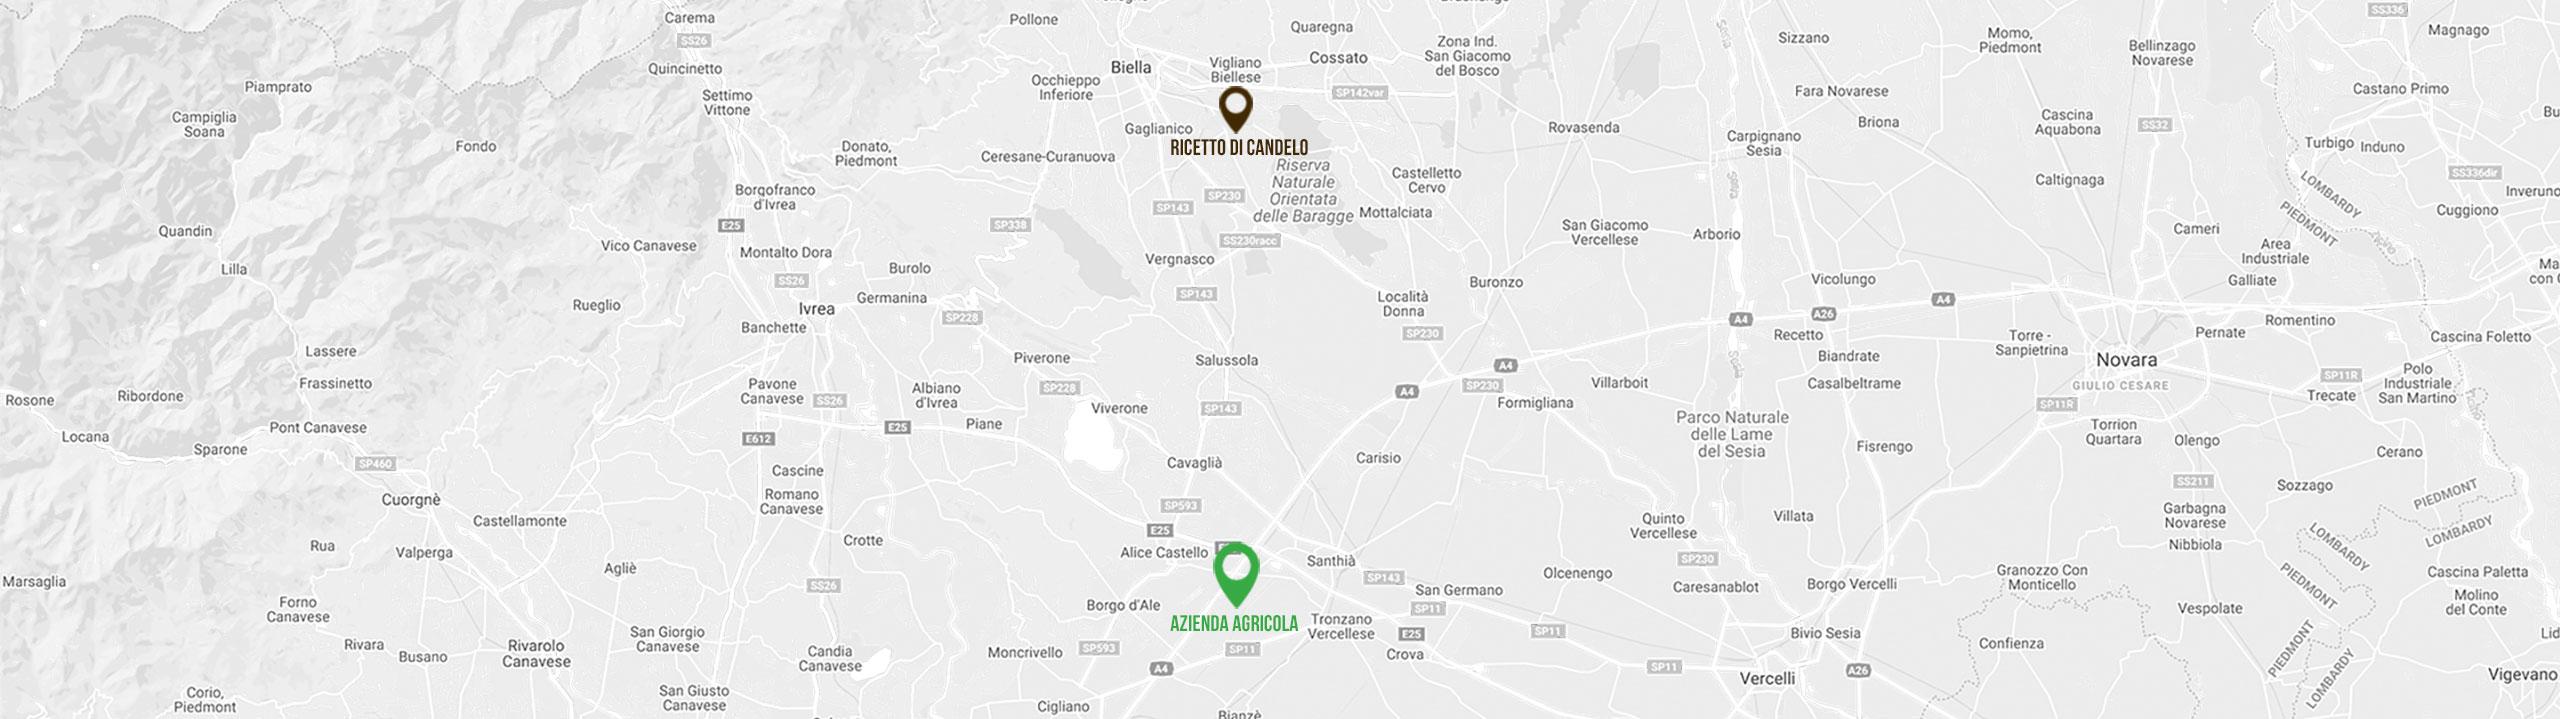 Mappa   Azienda Agricola Negro Viviana